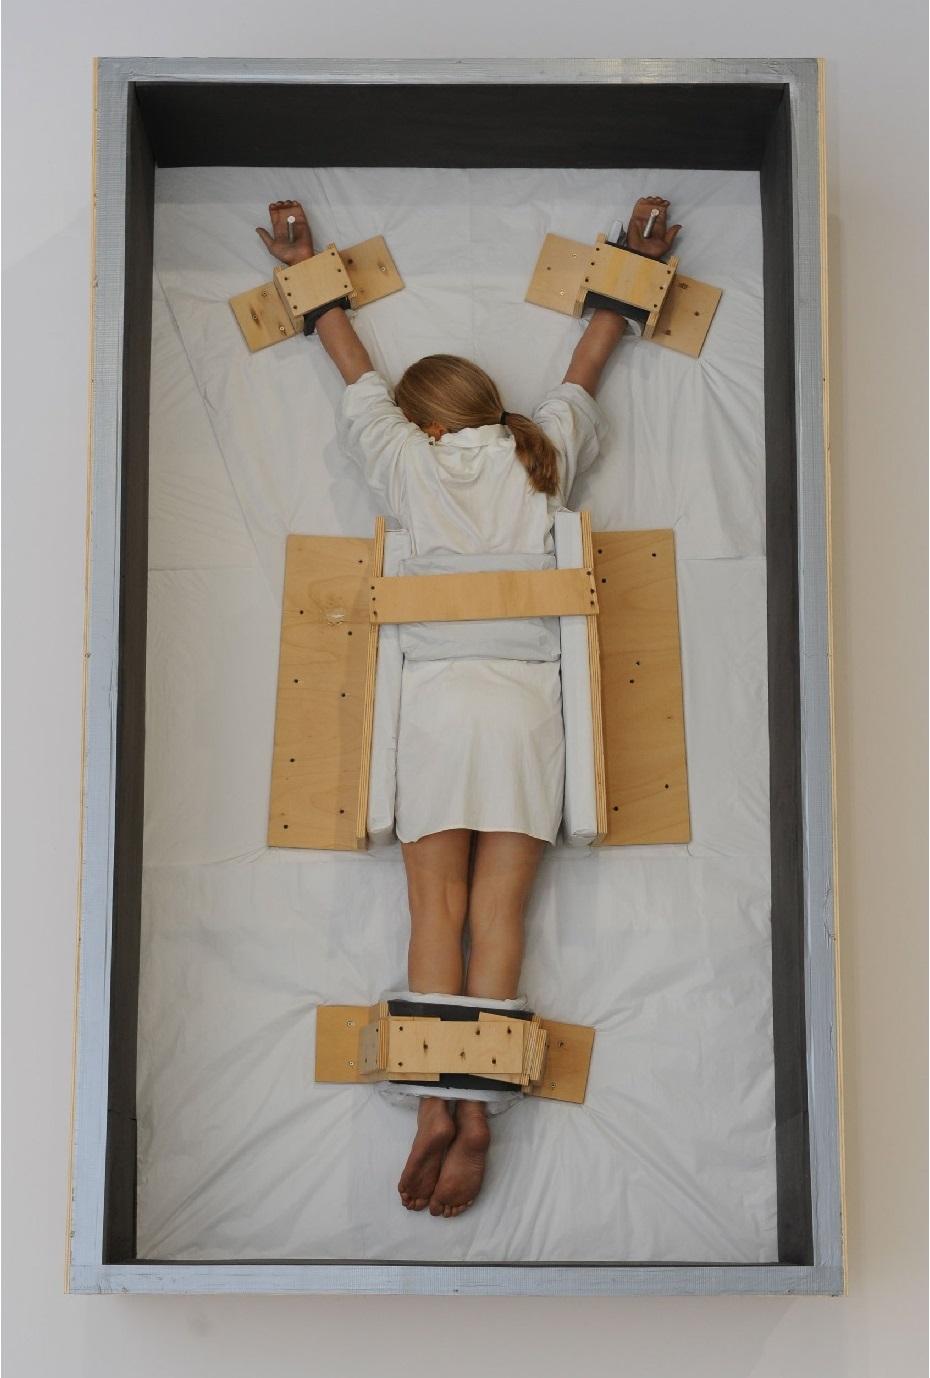 Maurizio-Cattelan-Amen-exhibition